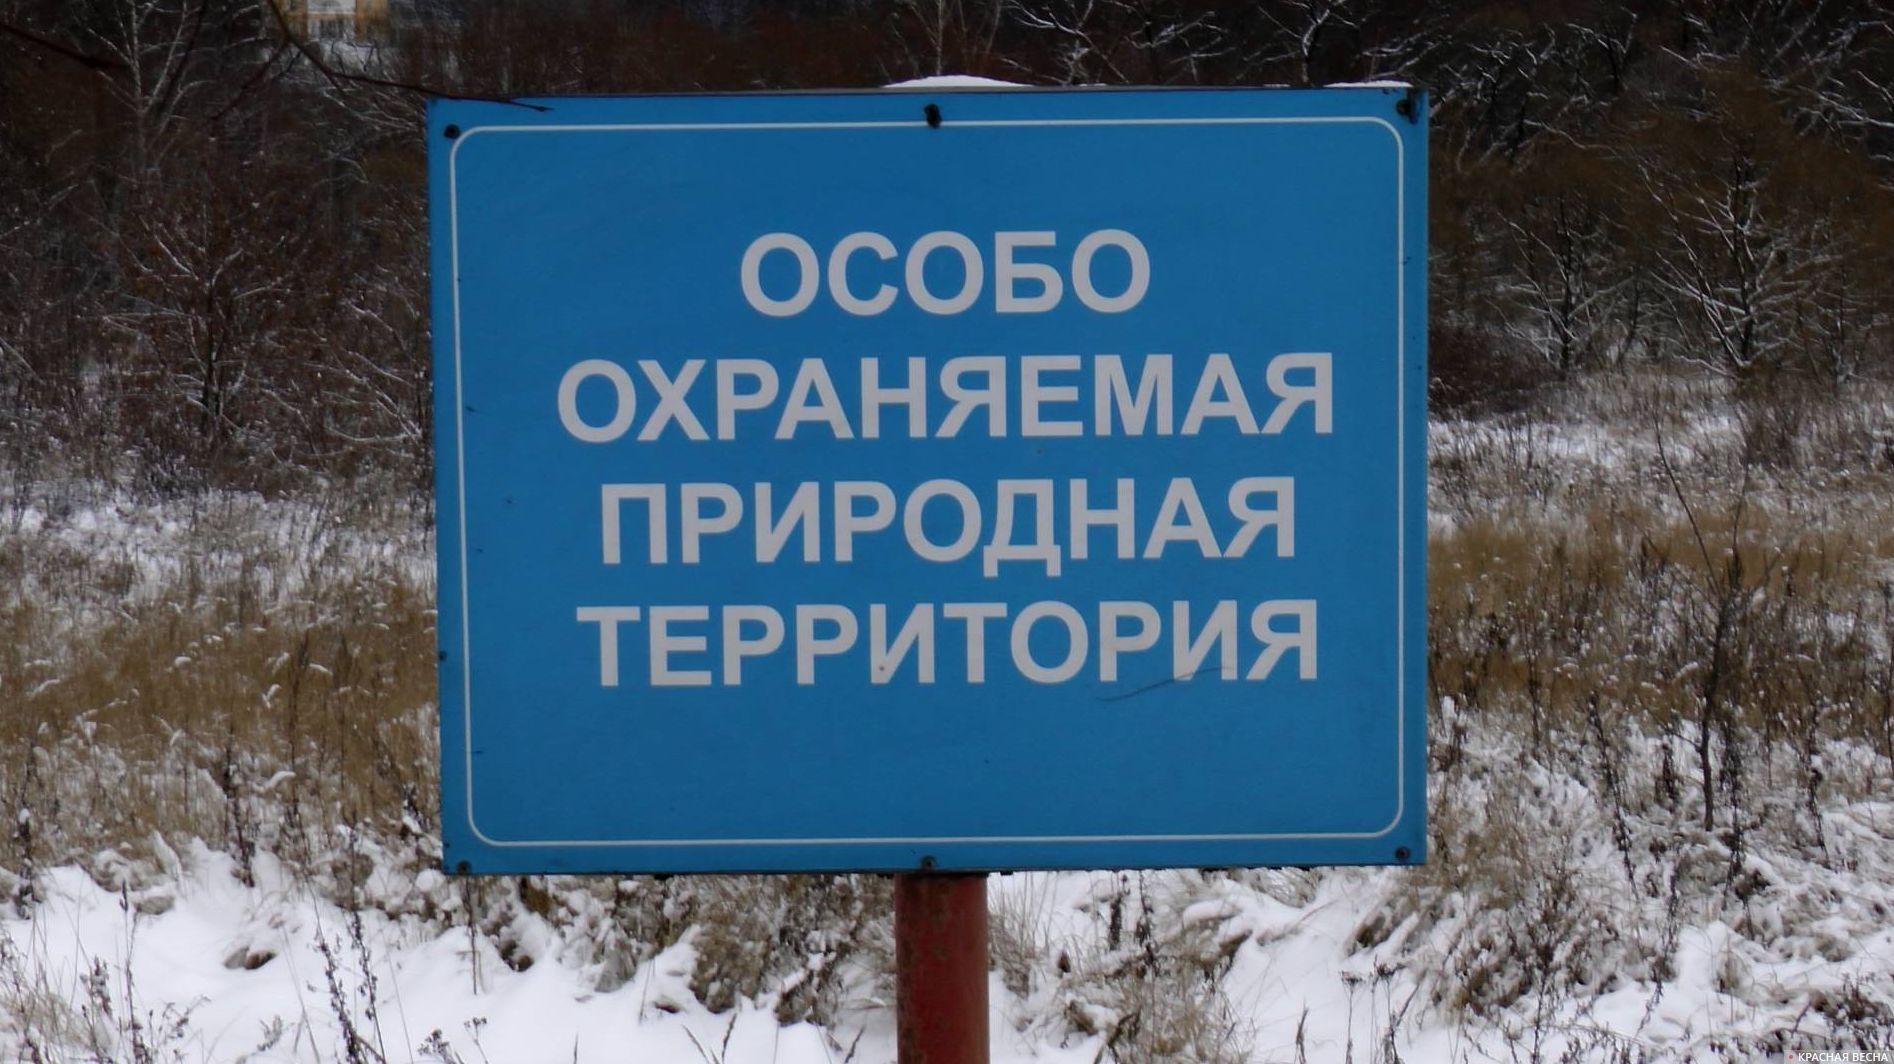 изъятие земельных участков особо охраняемых природных территорий